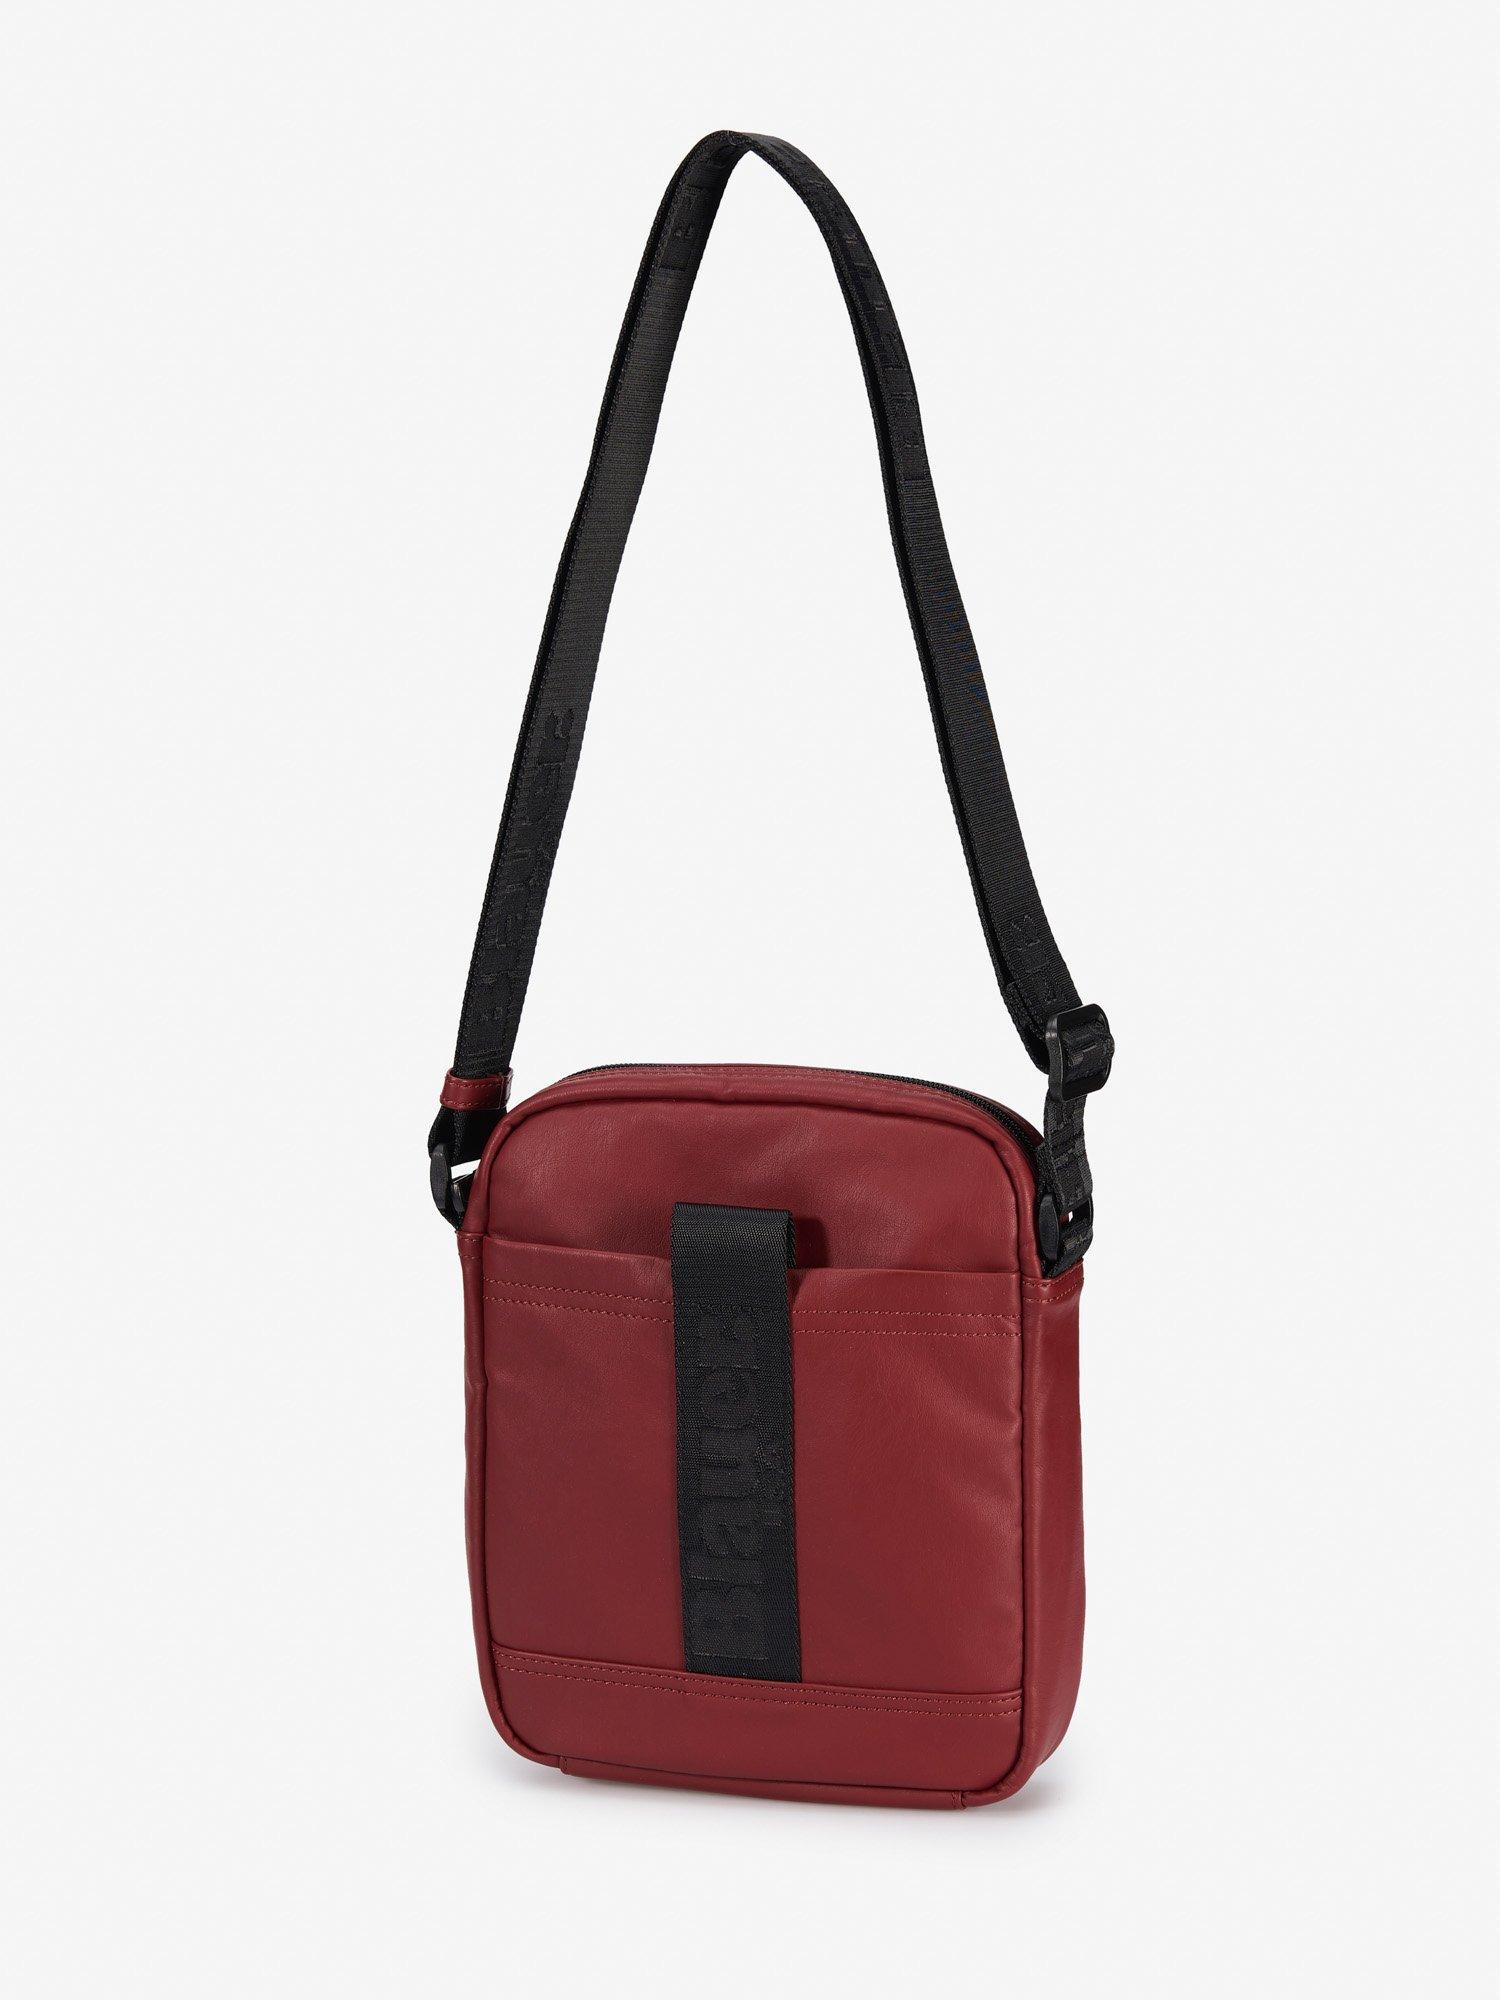 Blauer - SMALL SHOULDER BAG - red - Blauer